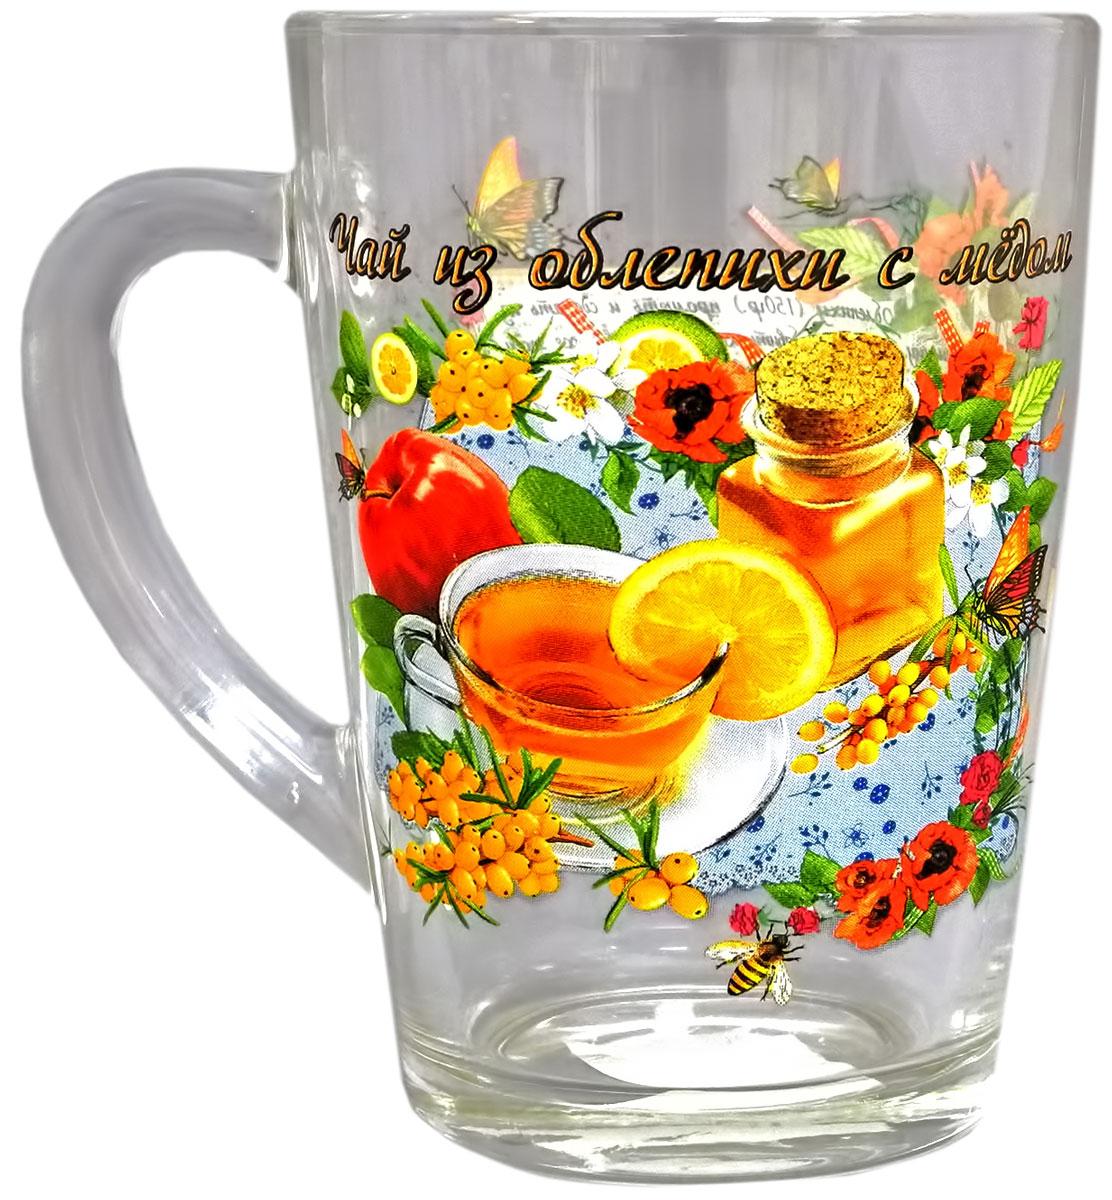 Кружка чайная Квестор Каппучино. Чай из облепихи с медом, 300 мл54 009312Кружка чайная Квестор Каппучино. Чай из облепихи с медом, 300 мл